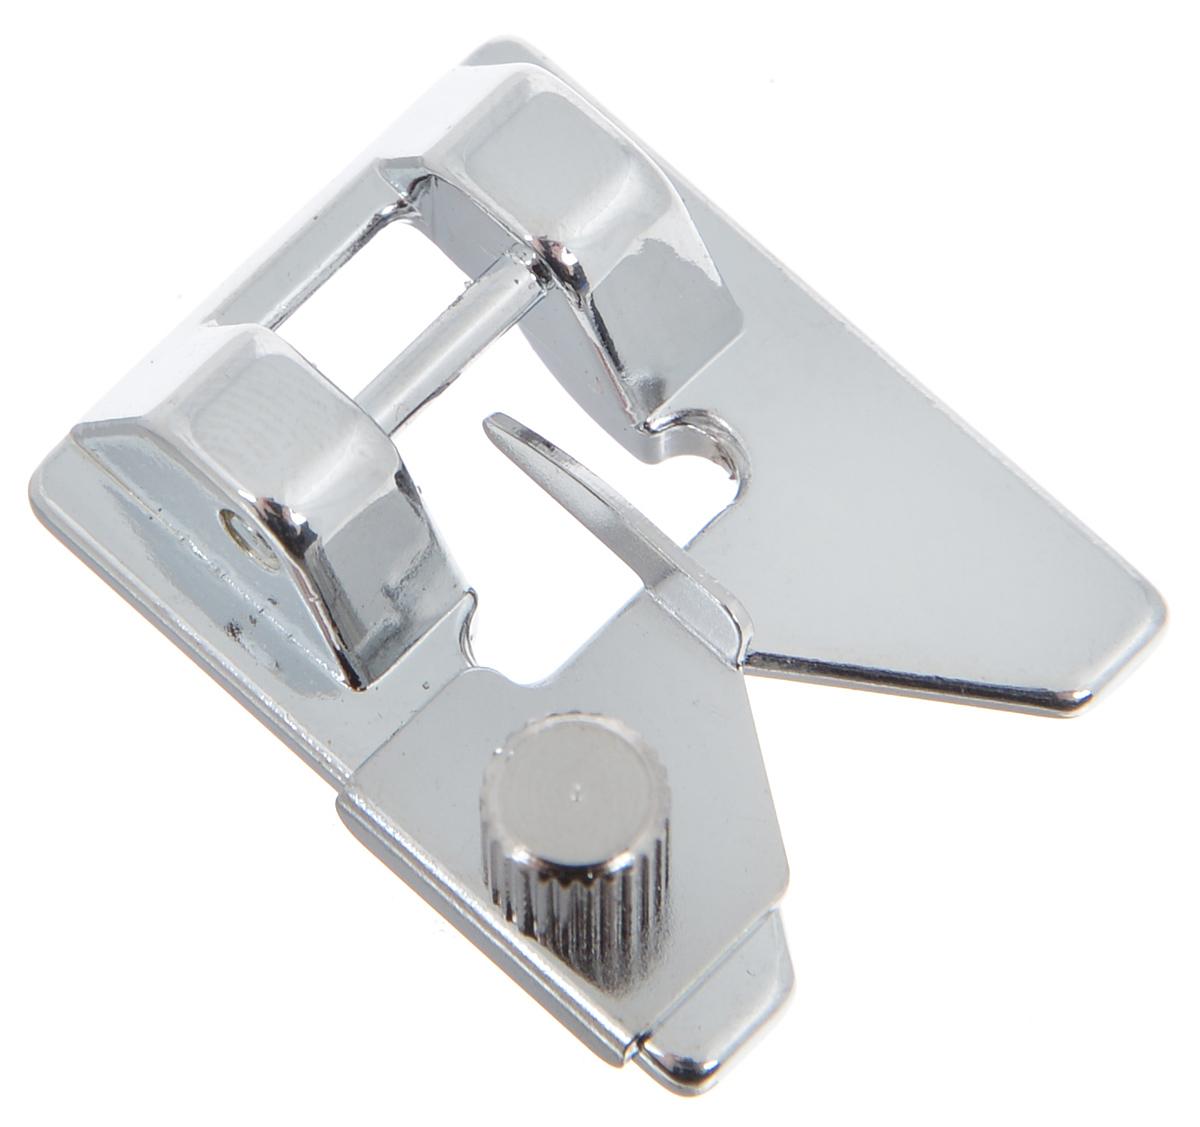 Лапка для швейной машины Aurora, для бахромыFTN 33Лапка для швейной машины Aurora используется для создания бахромы и копировальных строчек. Также может использоваться для пришивания тесьмы и плоских шнуров шириной до 5 мм. Подходит для большинства современных бытовых швейных машин. Инструкция по использованию прилагается.